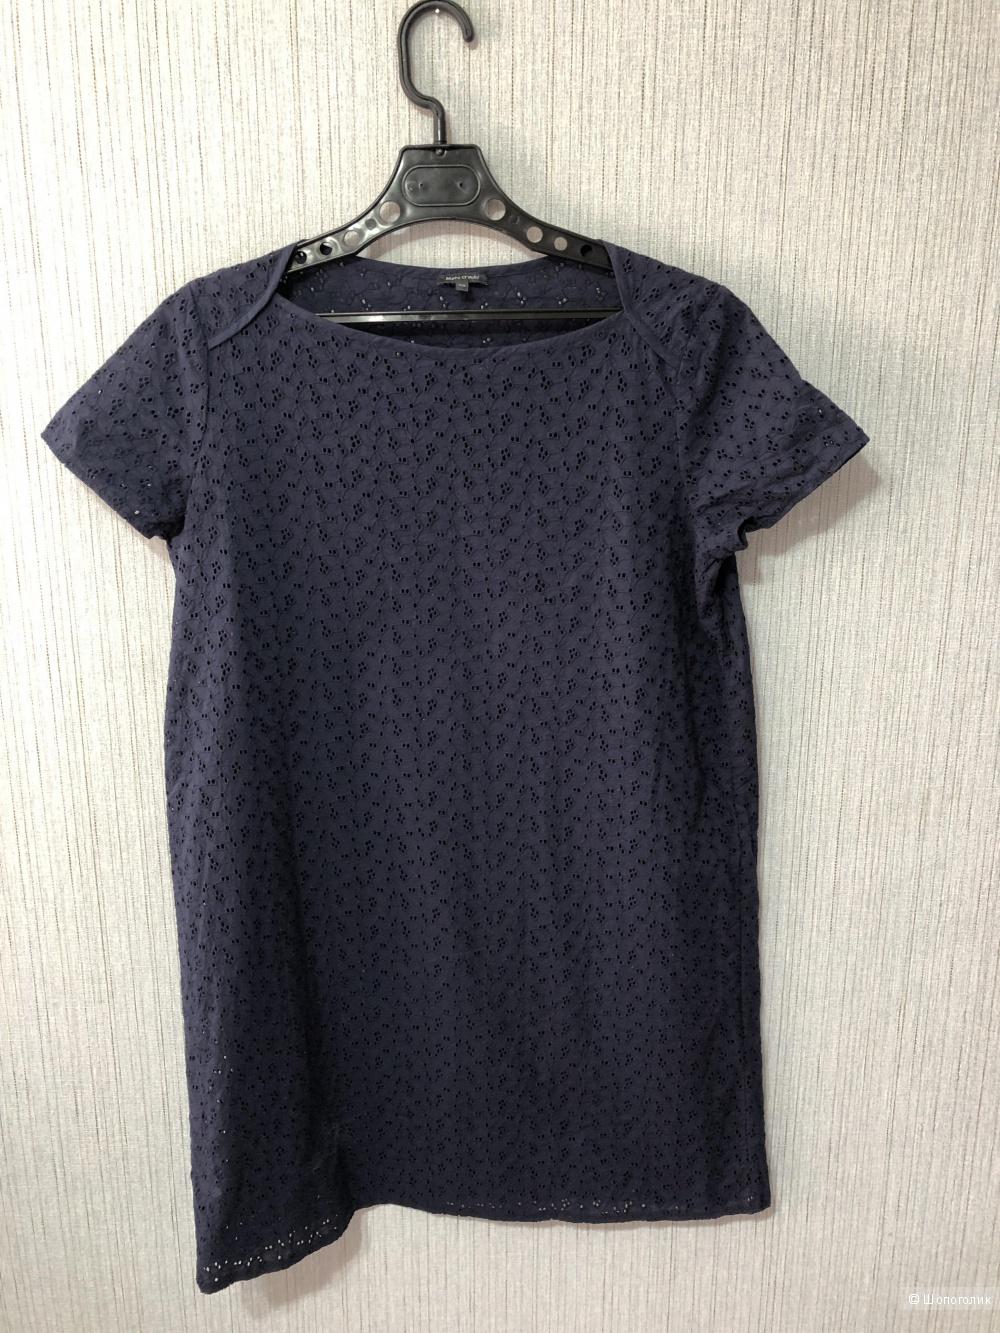 Платье Marc'o polo размер 46/48/50